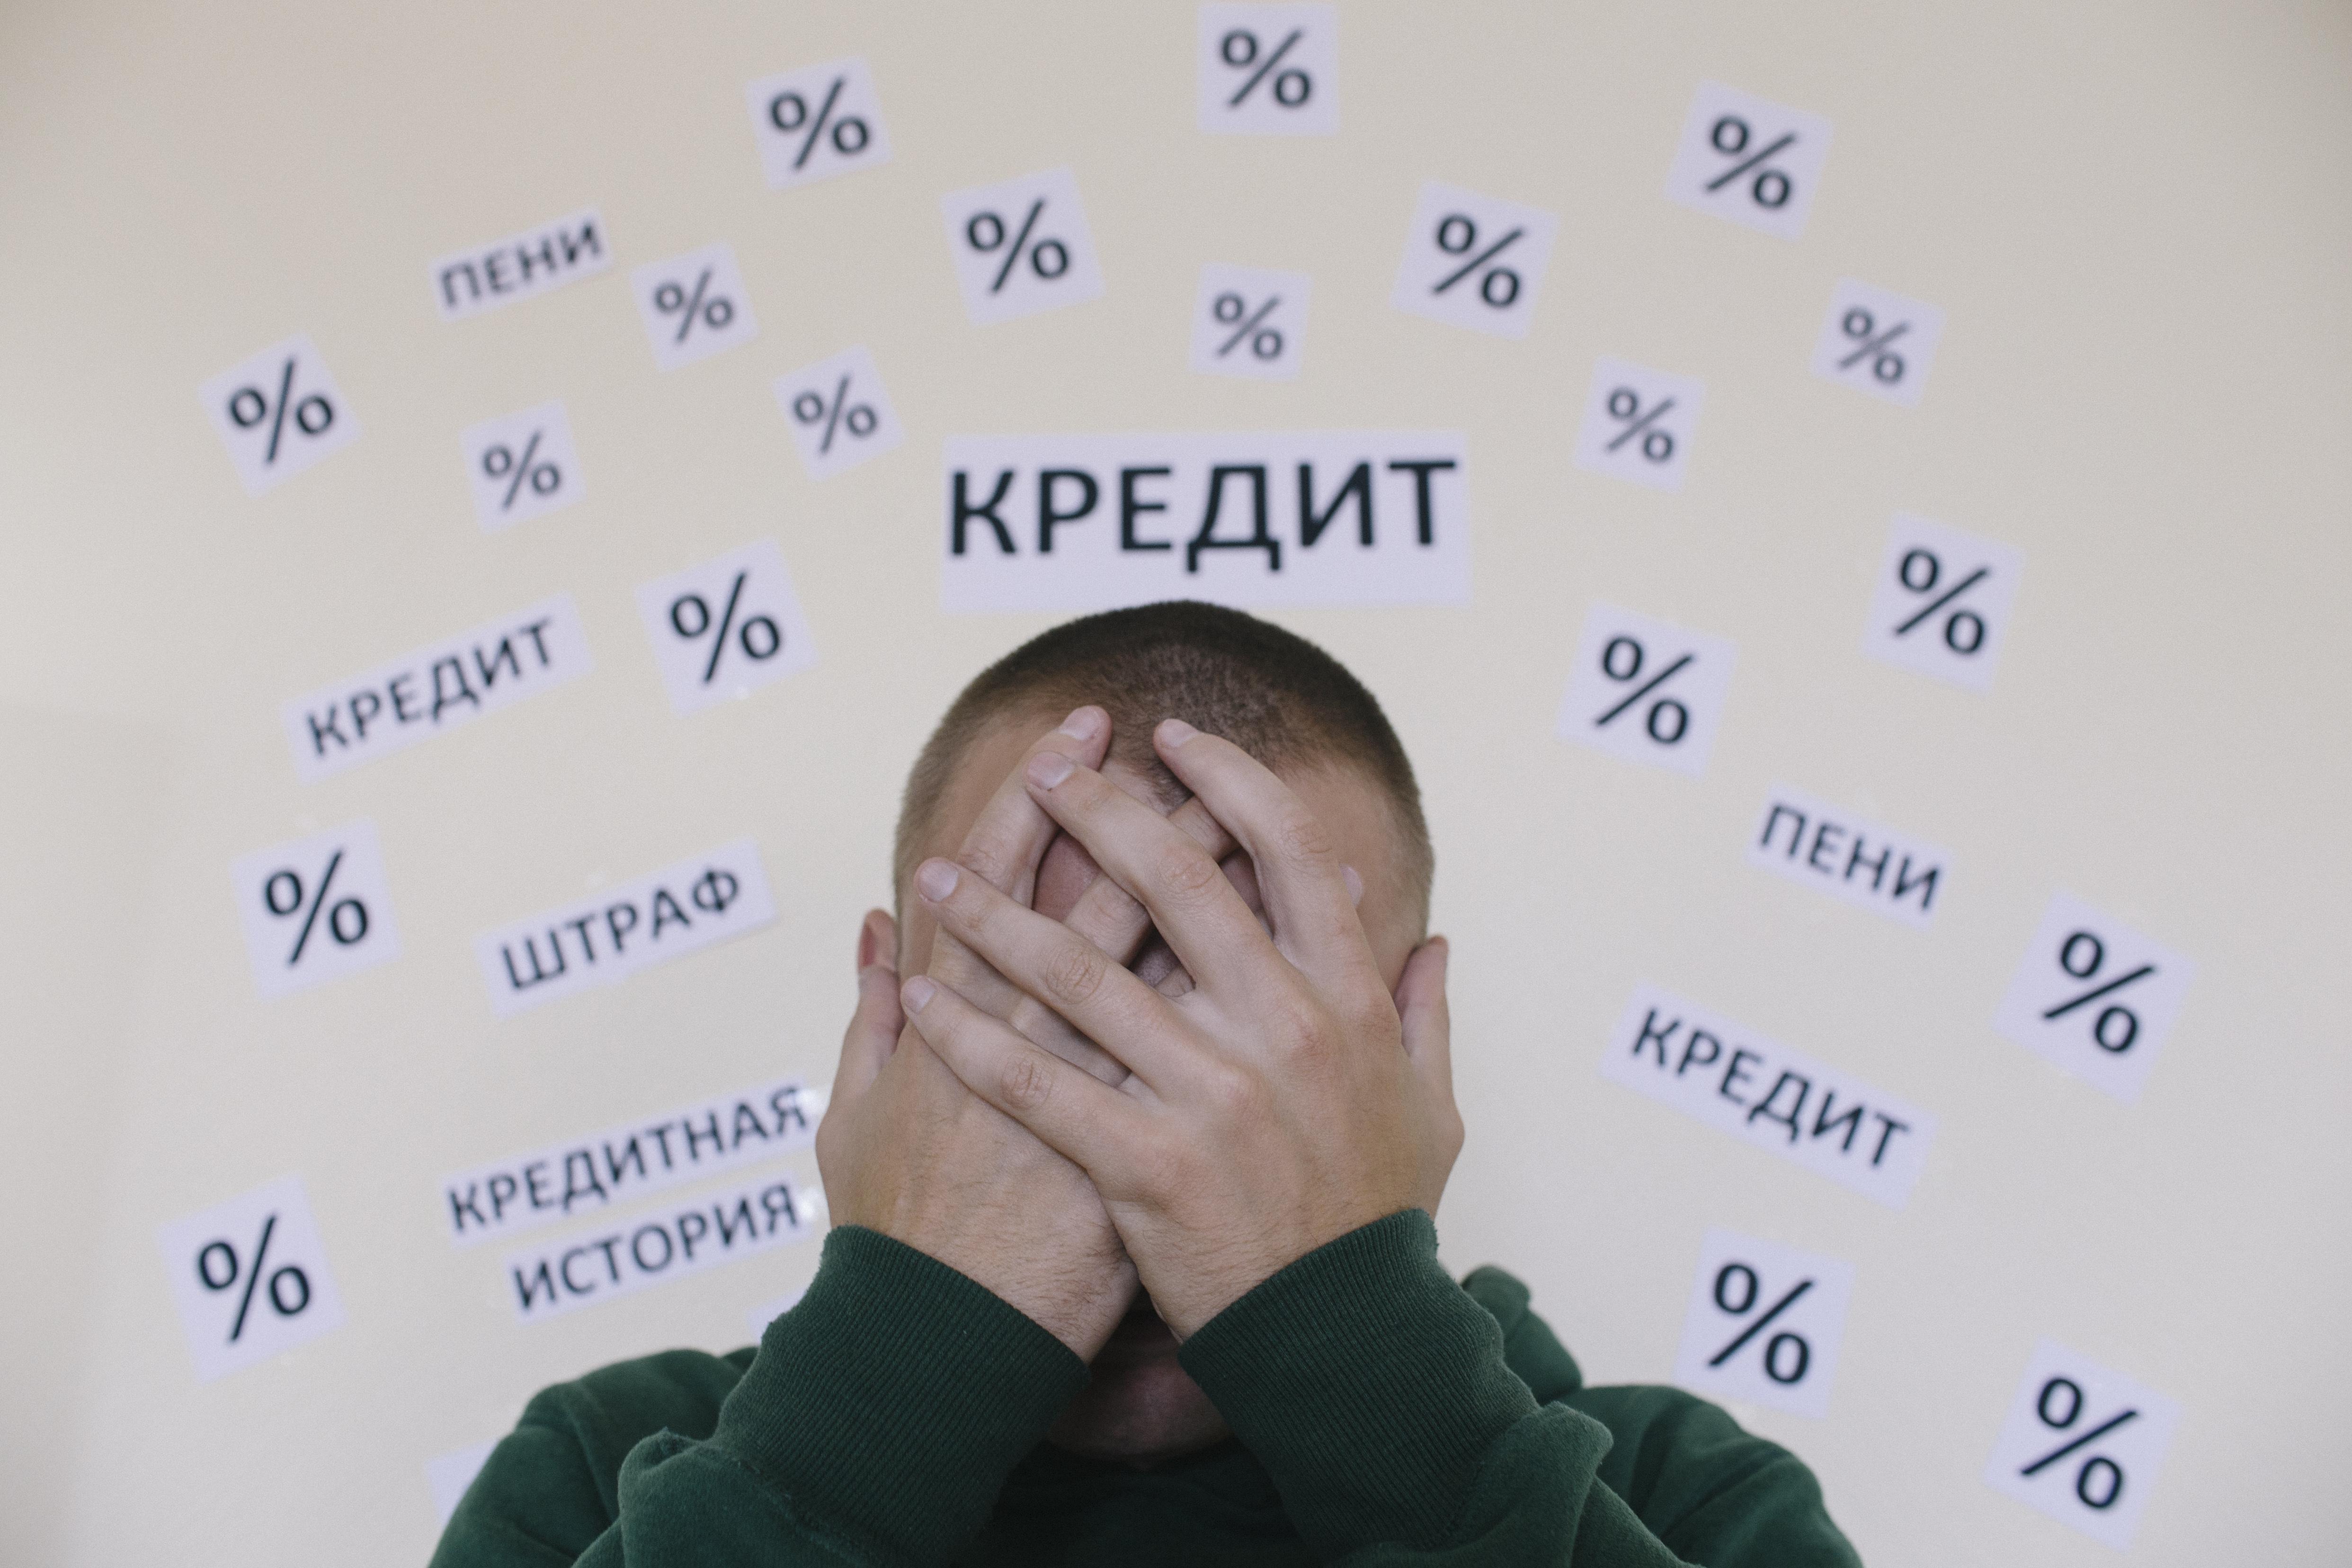 плохая кредитная история как взять кредит в каком банке в москве можно